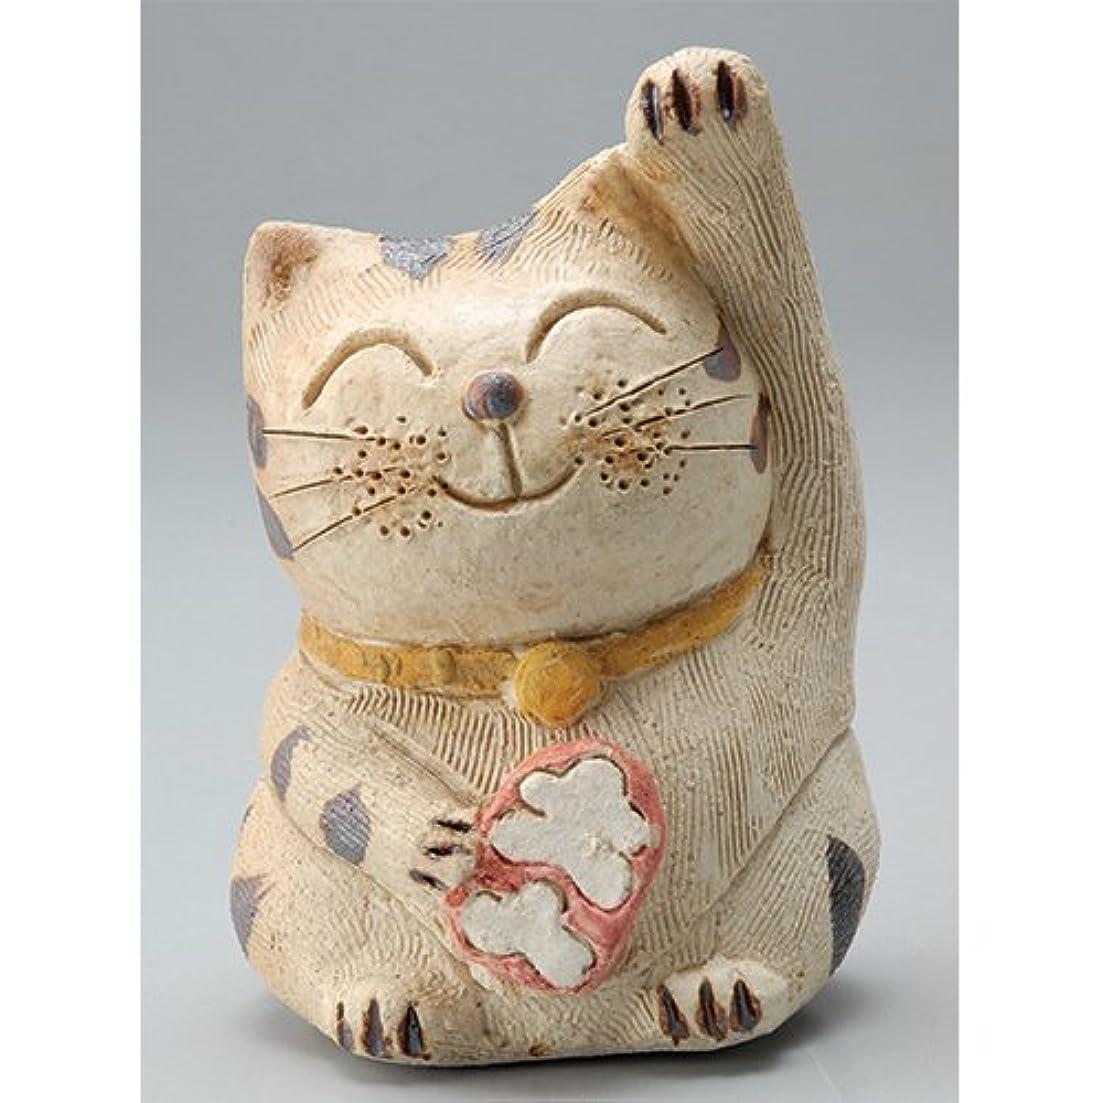 香り決めますダニ香炉 微笑み招き猫(人招き)香炉(中) [H14cm] HANDMADE プレゼント ギフト 和食器 かわいい インテリア